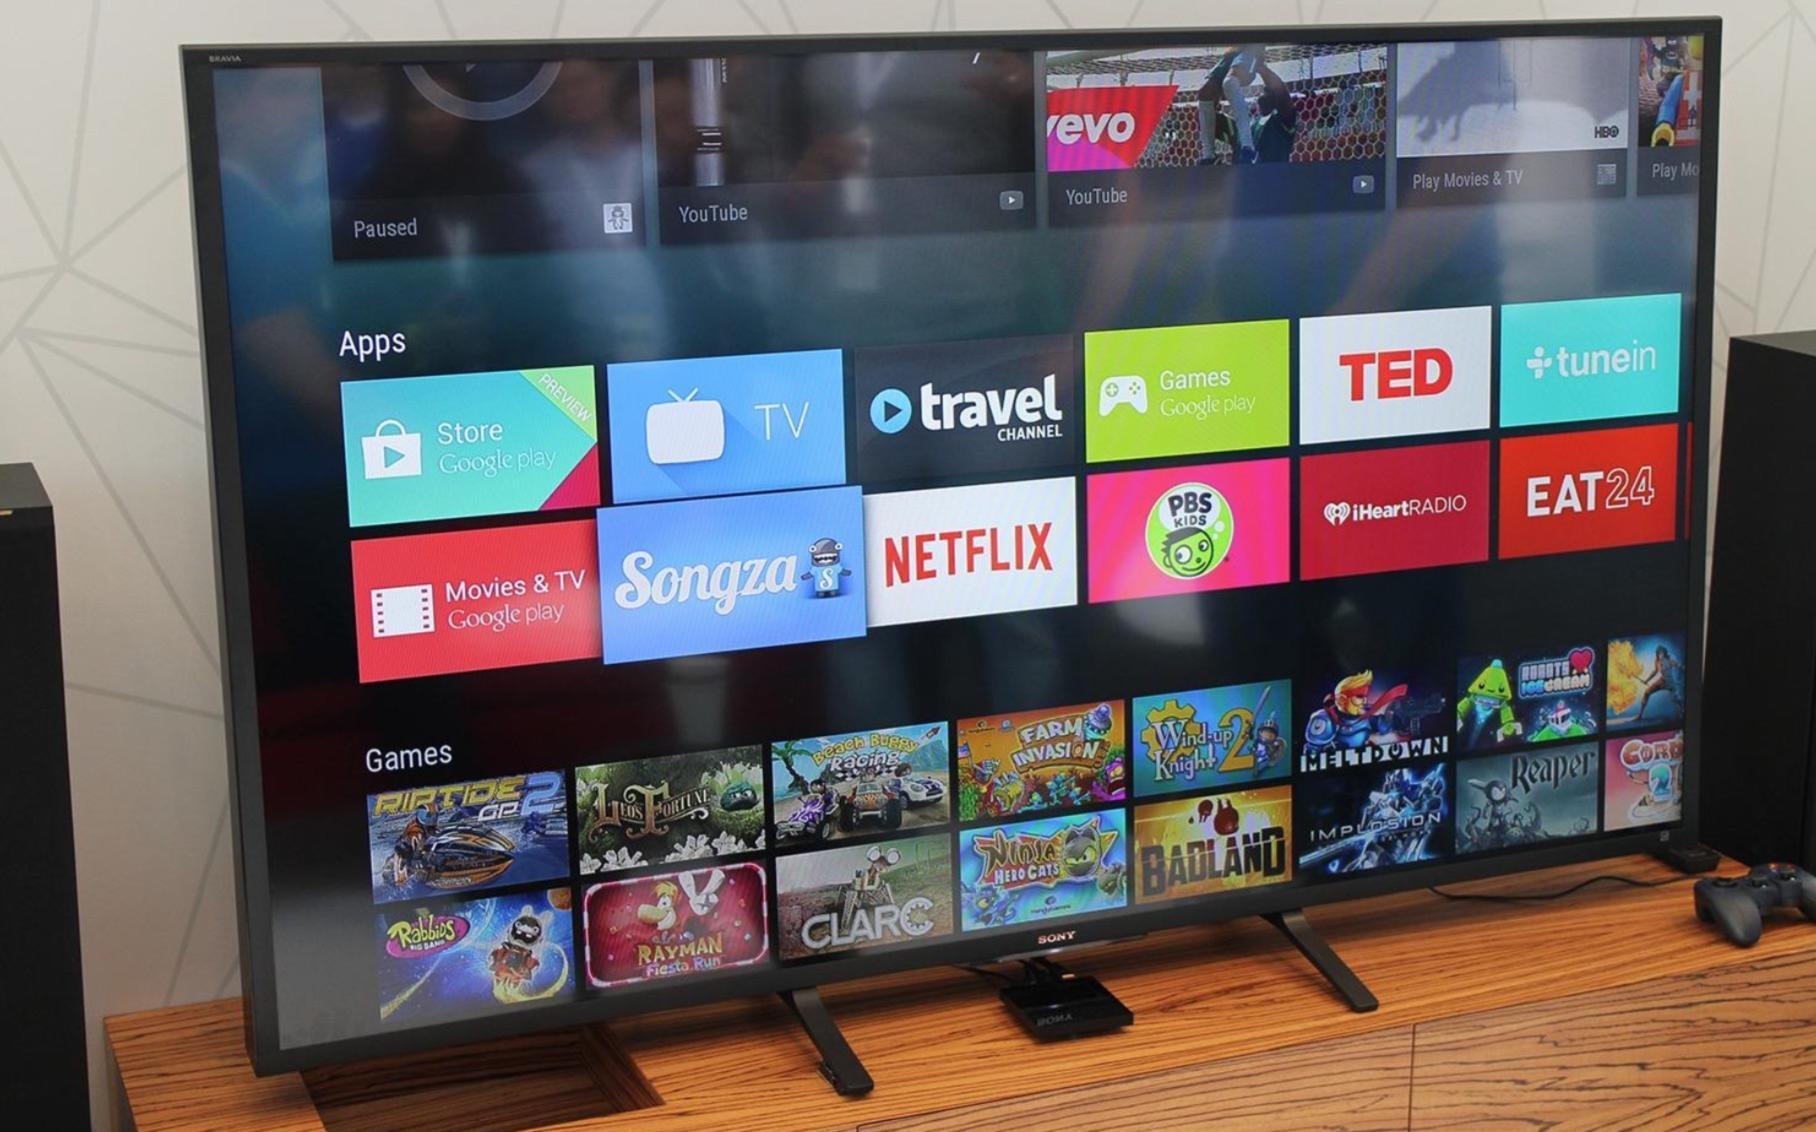 Come creare un TV Box Android con Raspberry Pi - ChimeraRevo